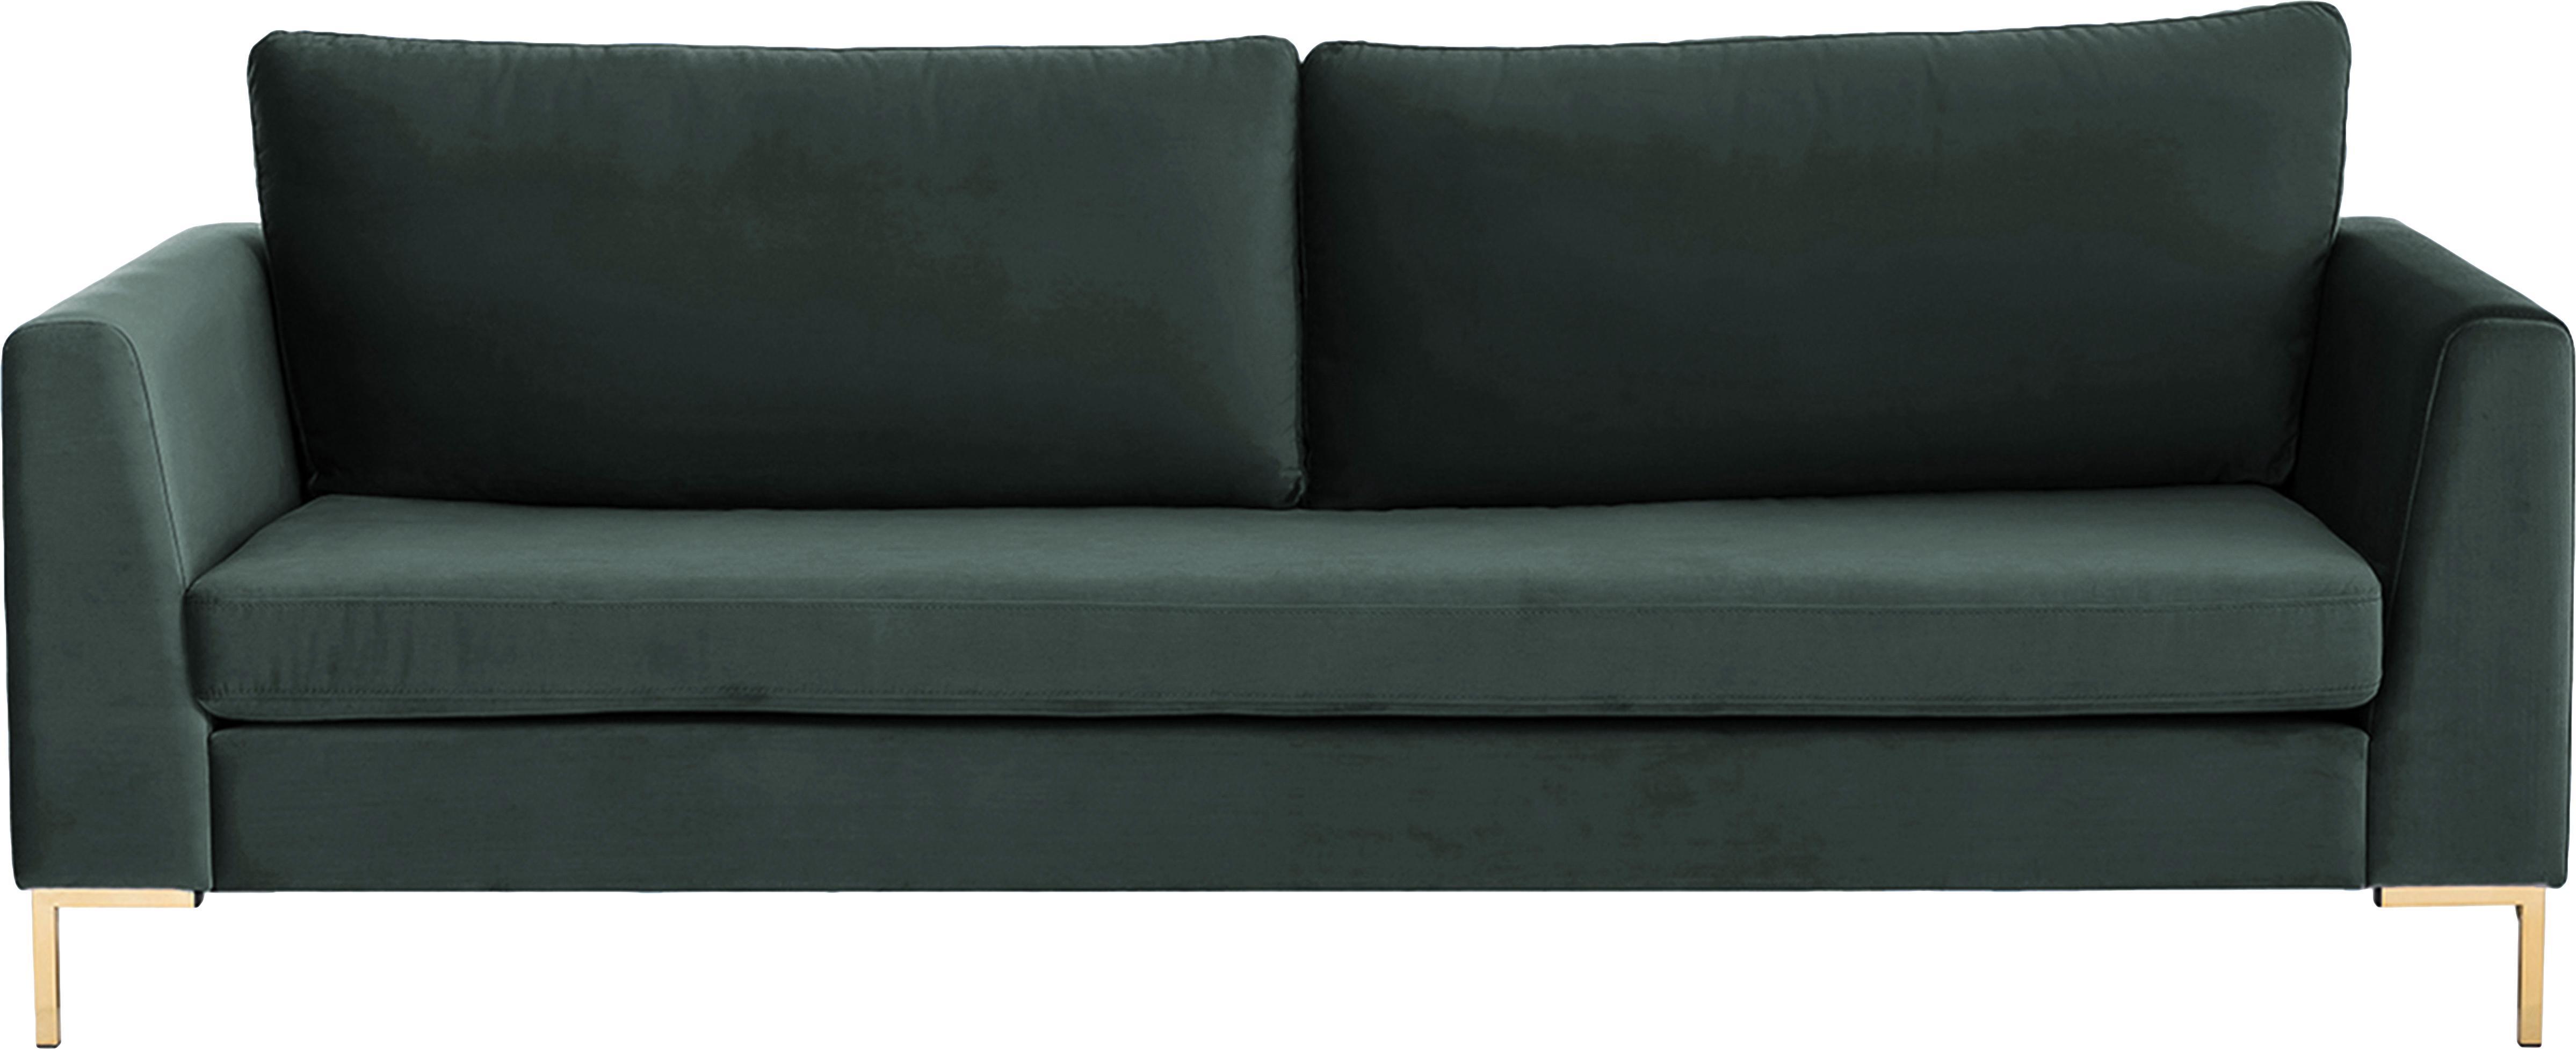 Sofá de terciopelo Luna (3plazas), Tapizado: terciopelo (poliéster) 80, Estructura: madera de haya, Patas: metal galvanizado, Terciopelo verde oscuro, dorado, An 230 x F 95 cm